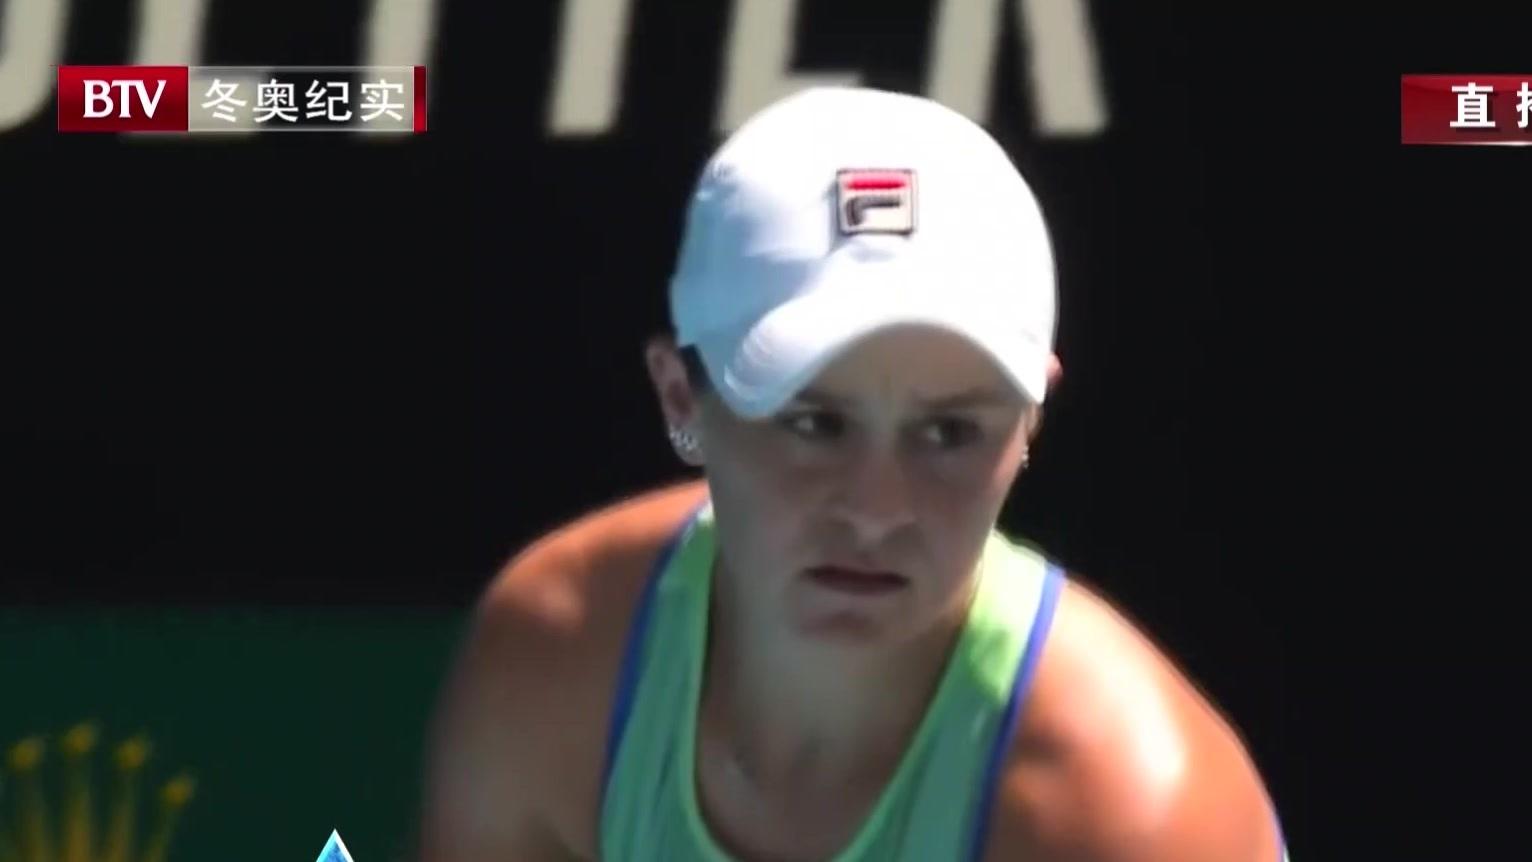 巴蒂首进澳网四强  半决赛将战肯宁